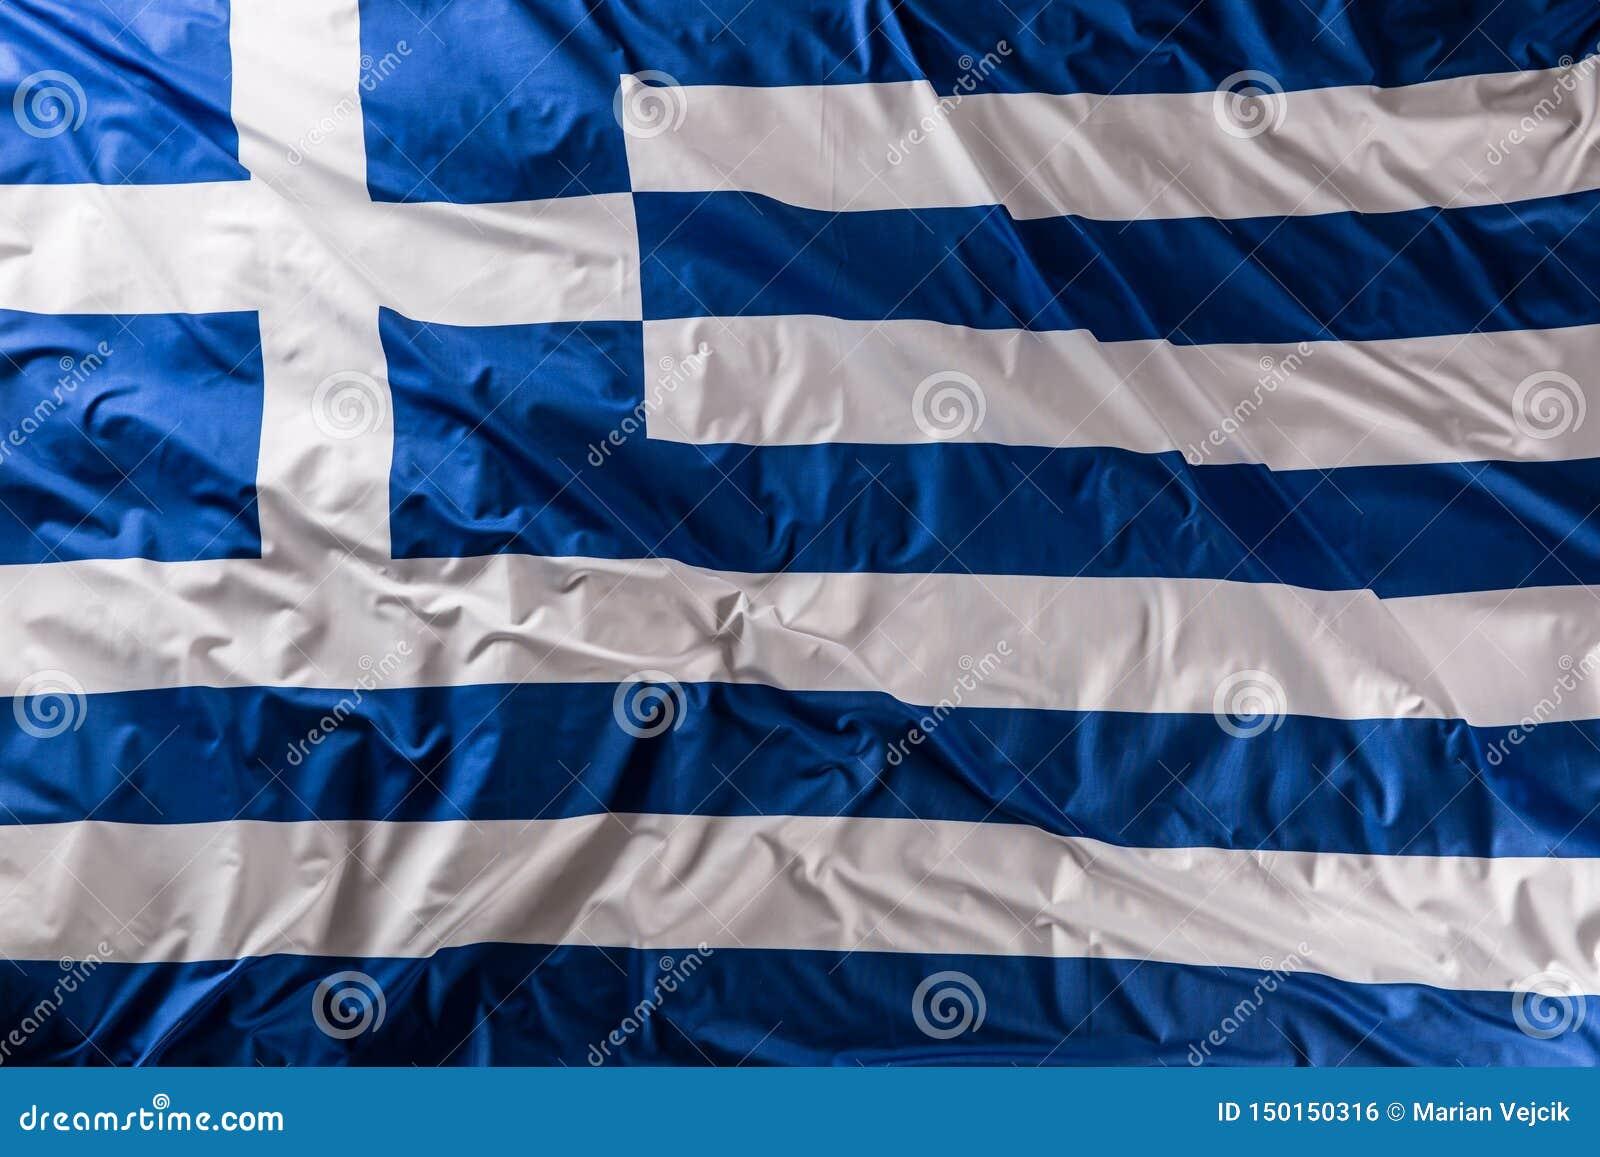 Σημαία της Ελλάδας που κυματίζει στον αέρα - κορυφή της άποψης